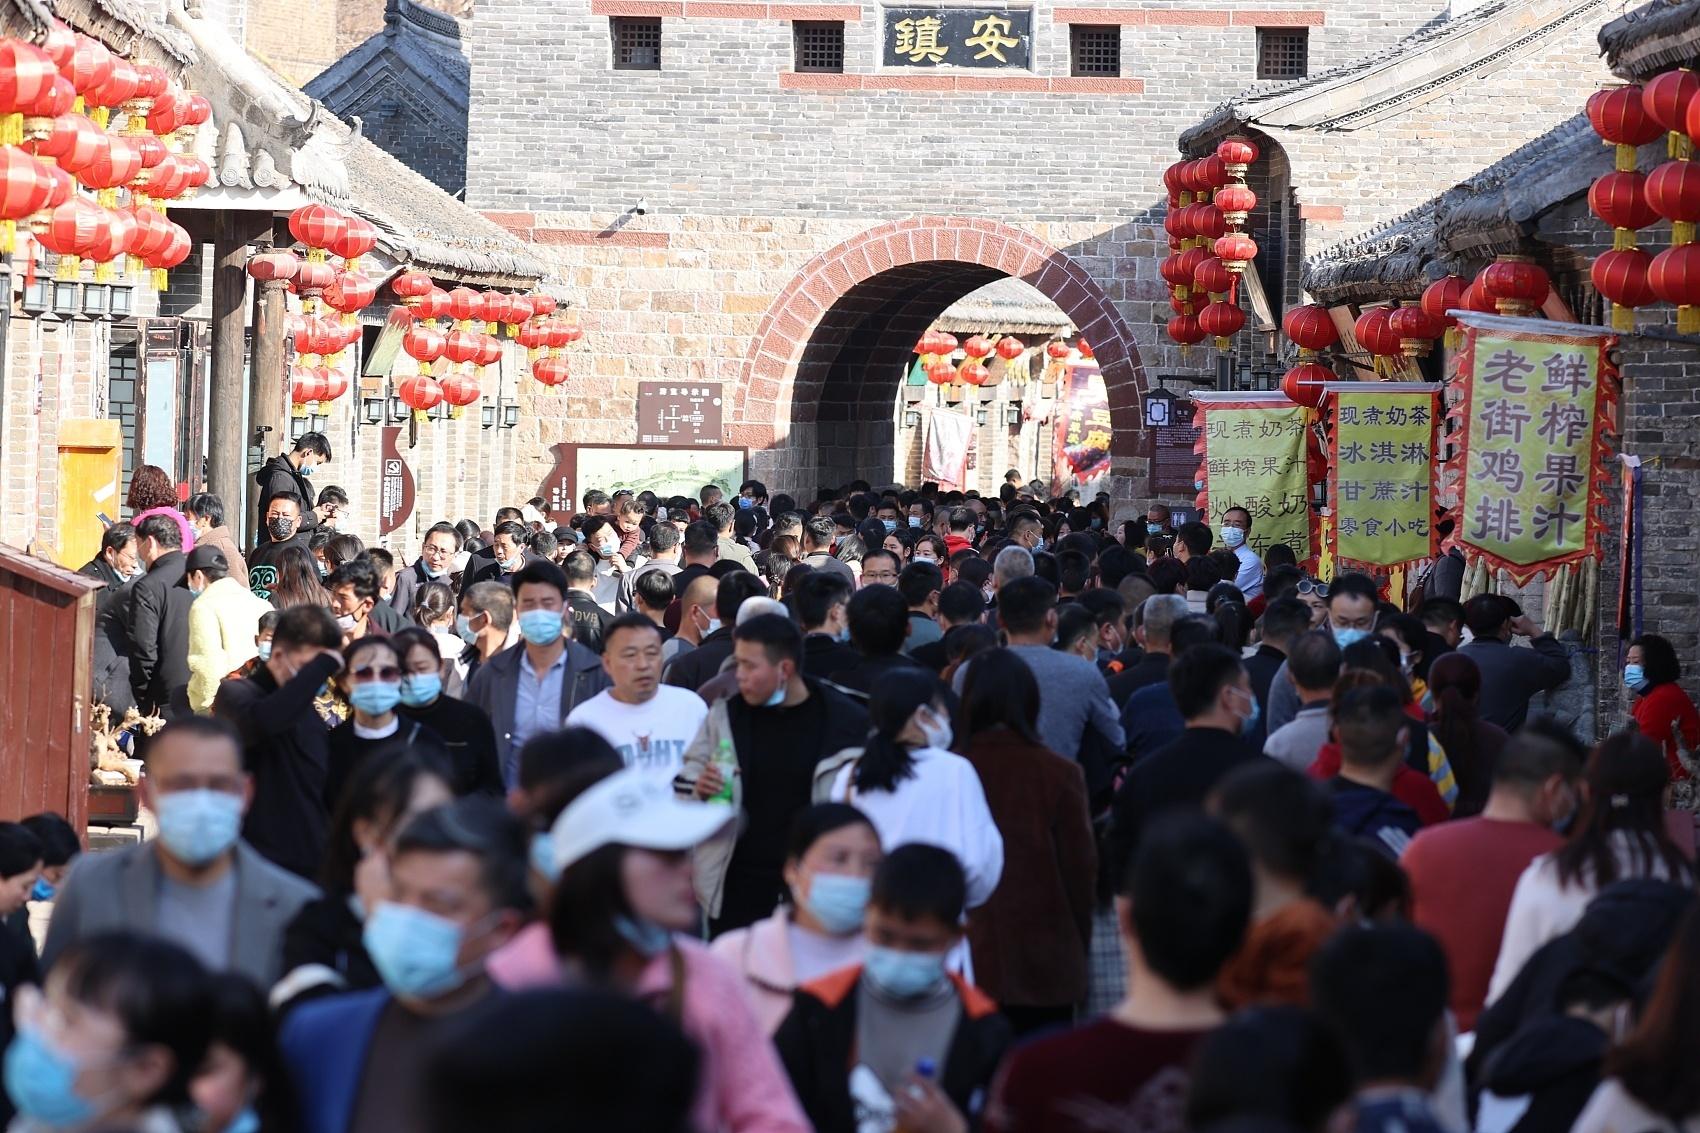 2021年2月14日,春节期间,河南省许昌市禹州市(县级市)神��古镇景区。